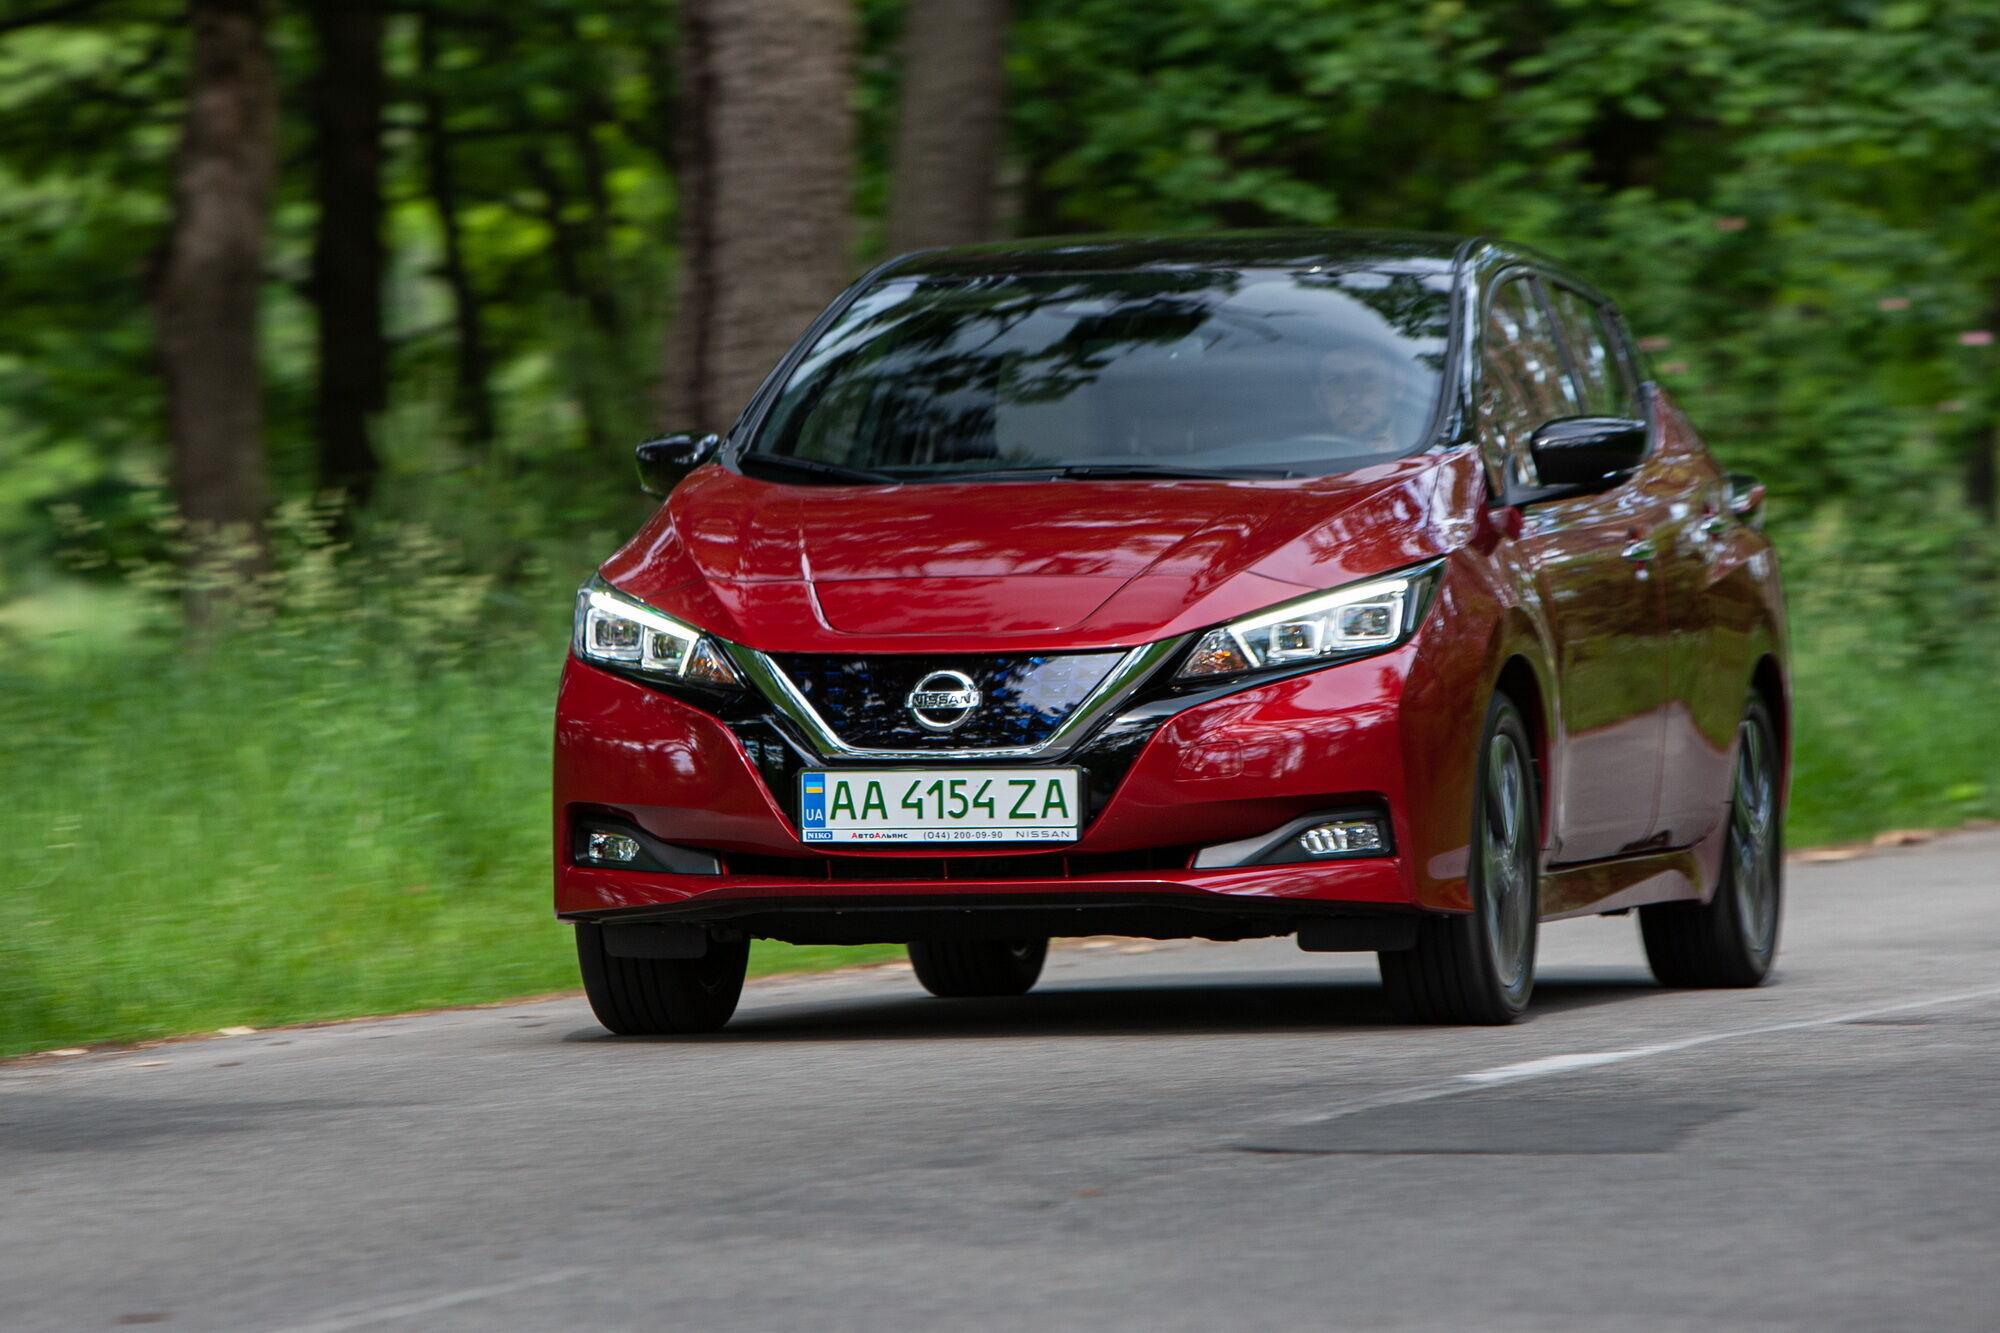 Розгін від 0 до 100 км/год займає 7,9 секунд, а максимальна швидкість автомобіля обмежена електронікою на позначці 144 км/год